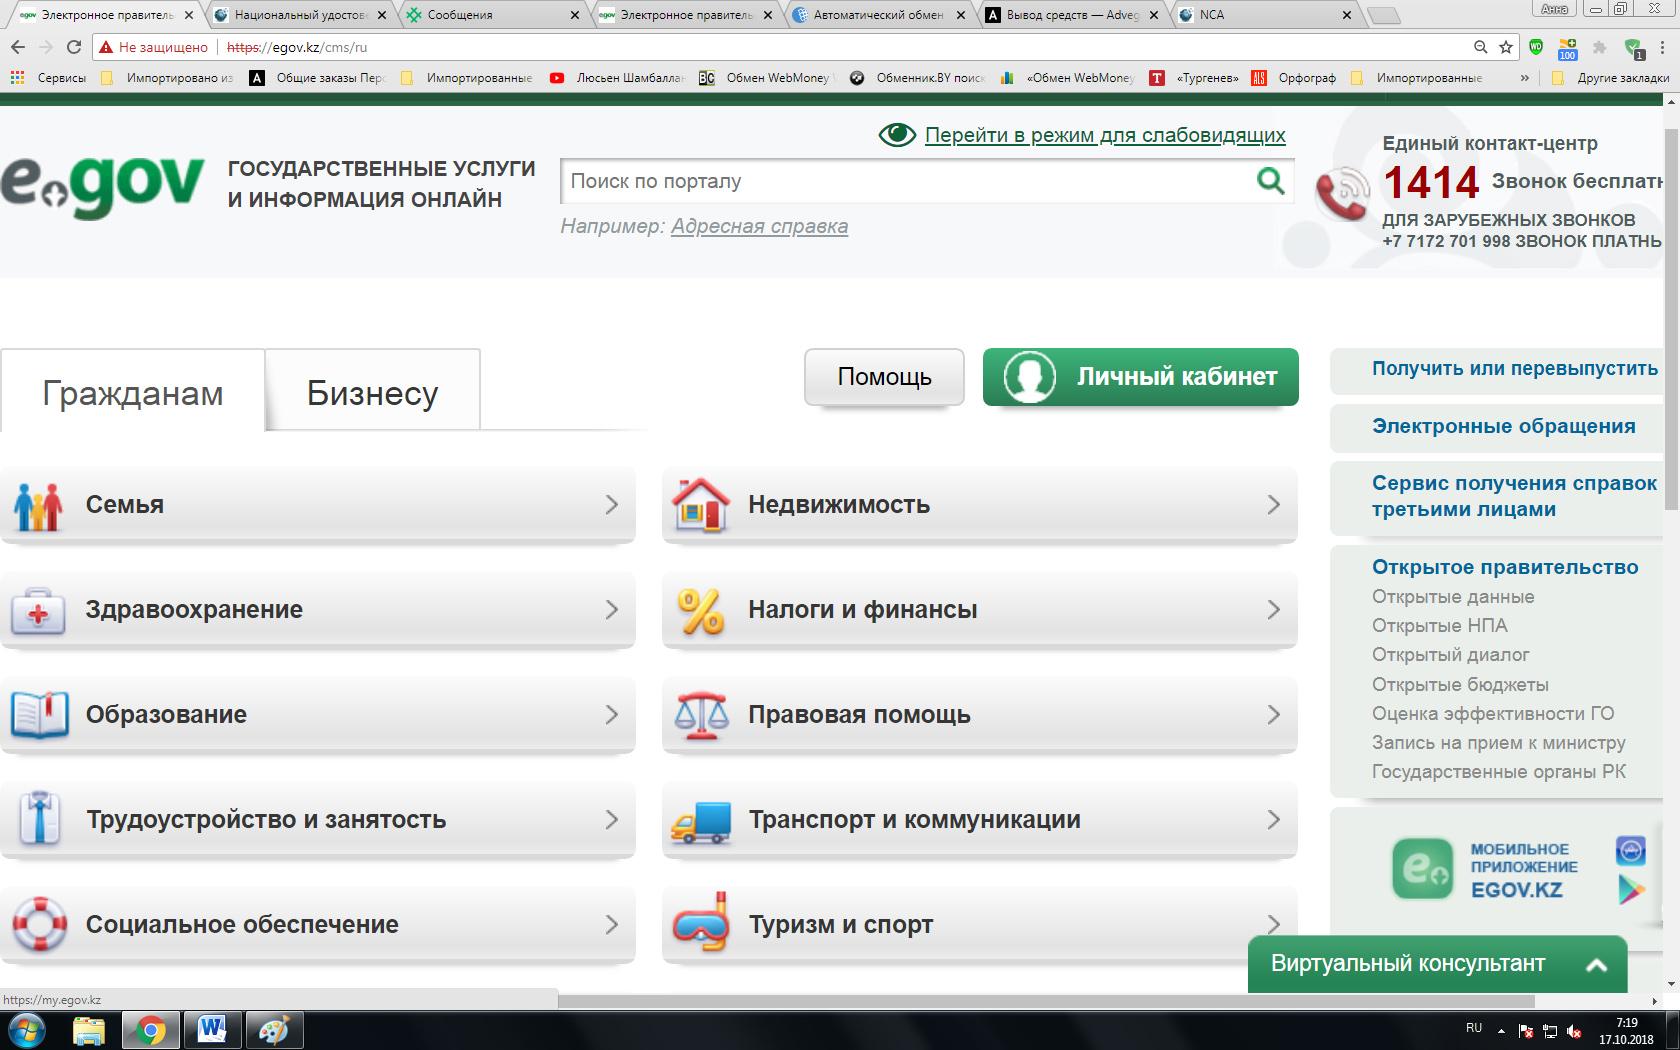 Регистрация ип через егов в казахстане скачать декларацию 3 ндфл за 2019 год скачать